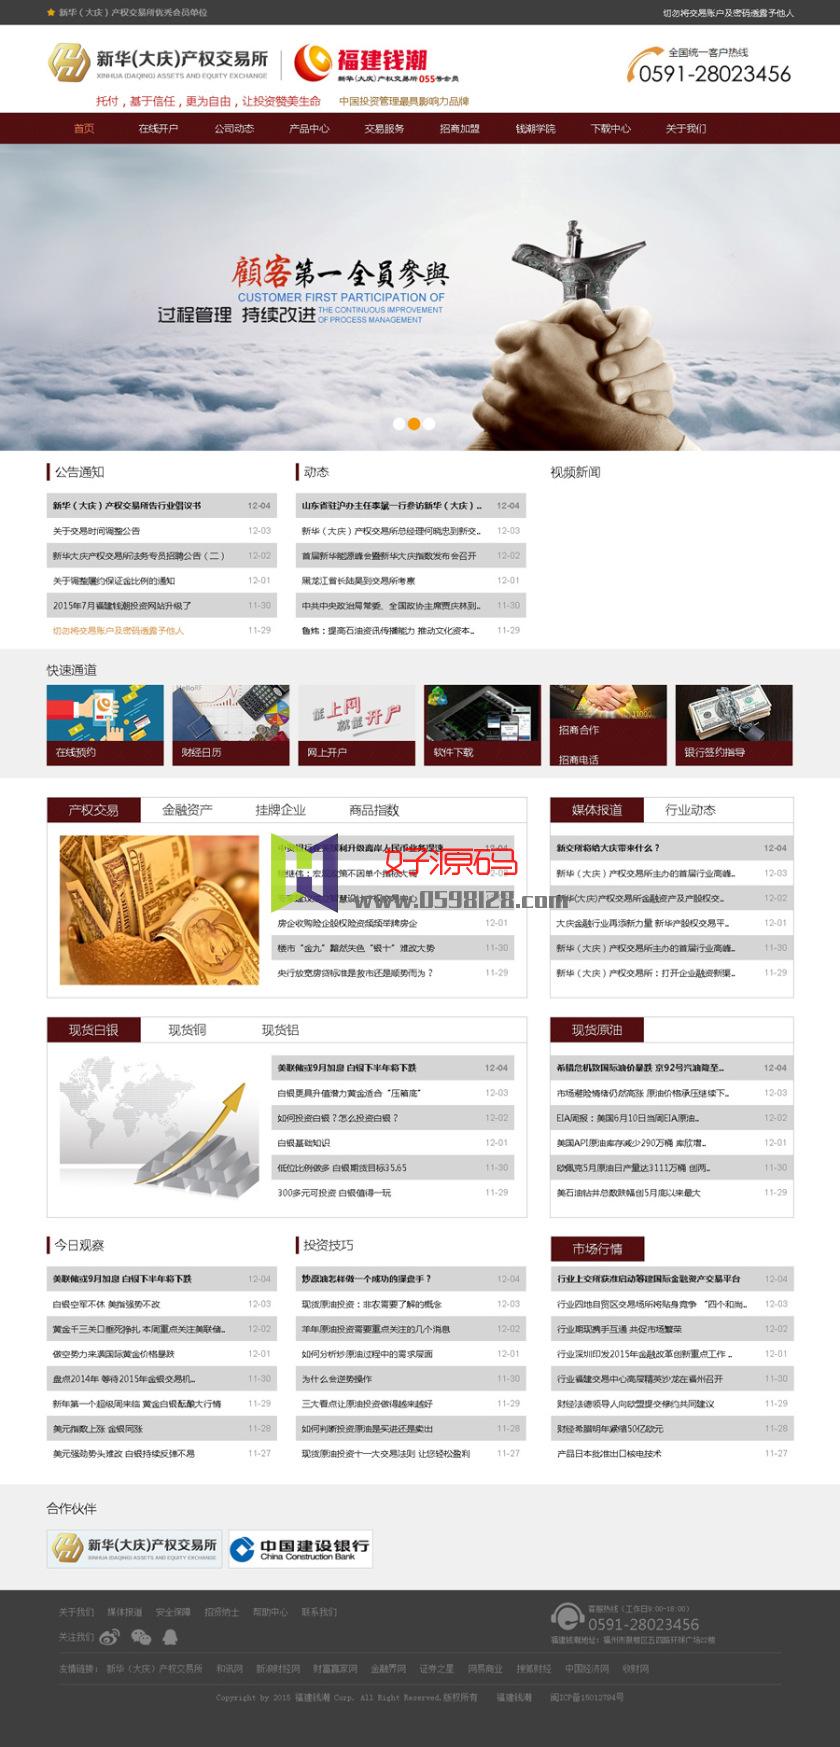 【免费下载】好源码网仿制 dedecms仿产权交易所模板织梦模板-好源码